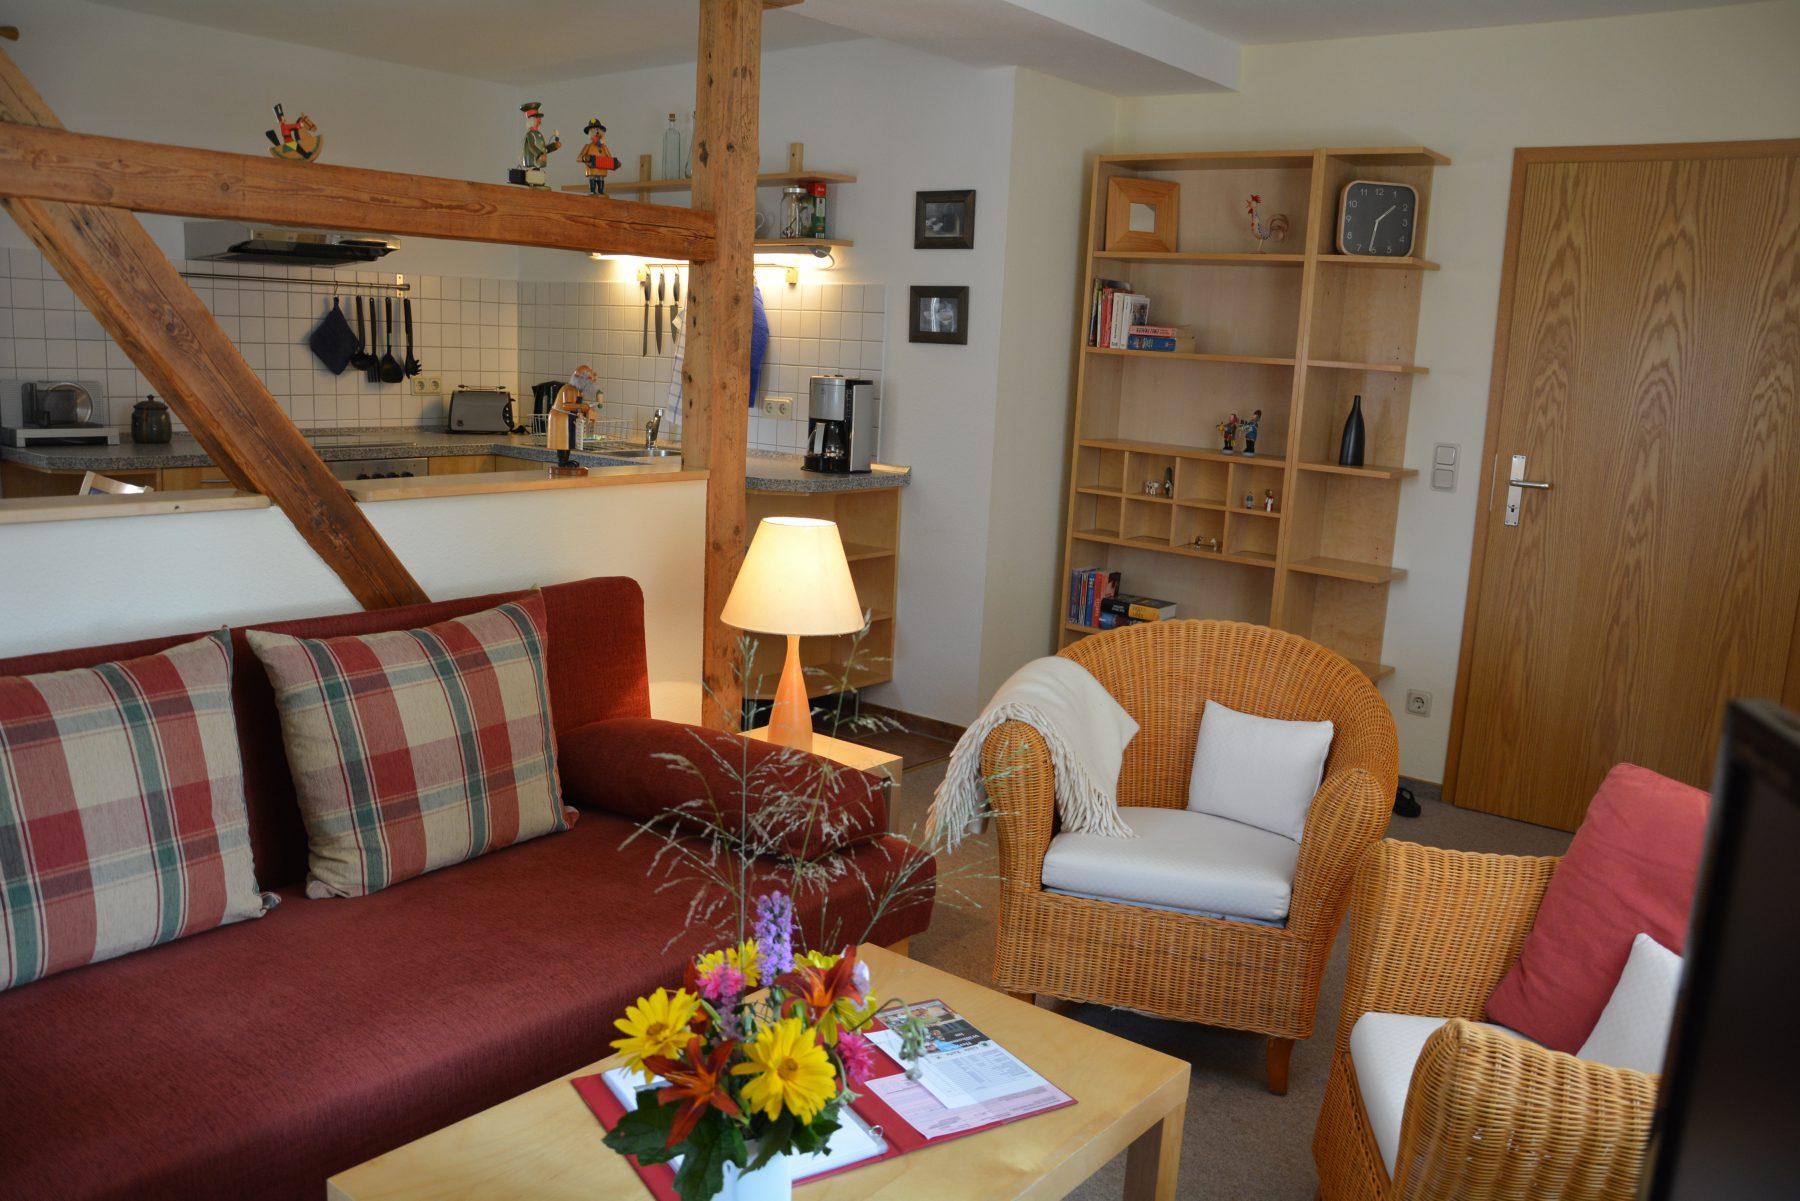 Ferienwohnung imVerlegerhaus Seiffen Kategorie S5***** Detail Wohnzimmer/Küche